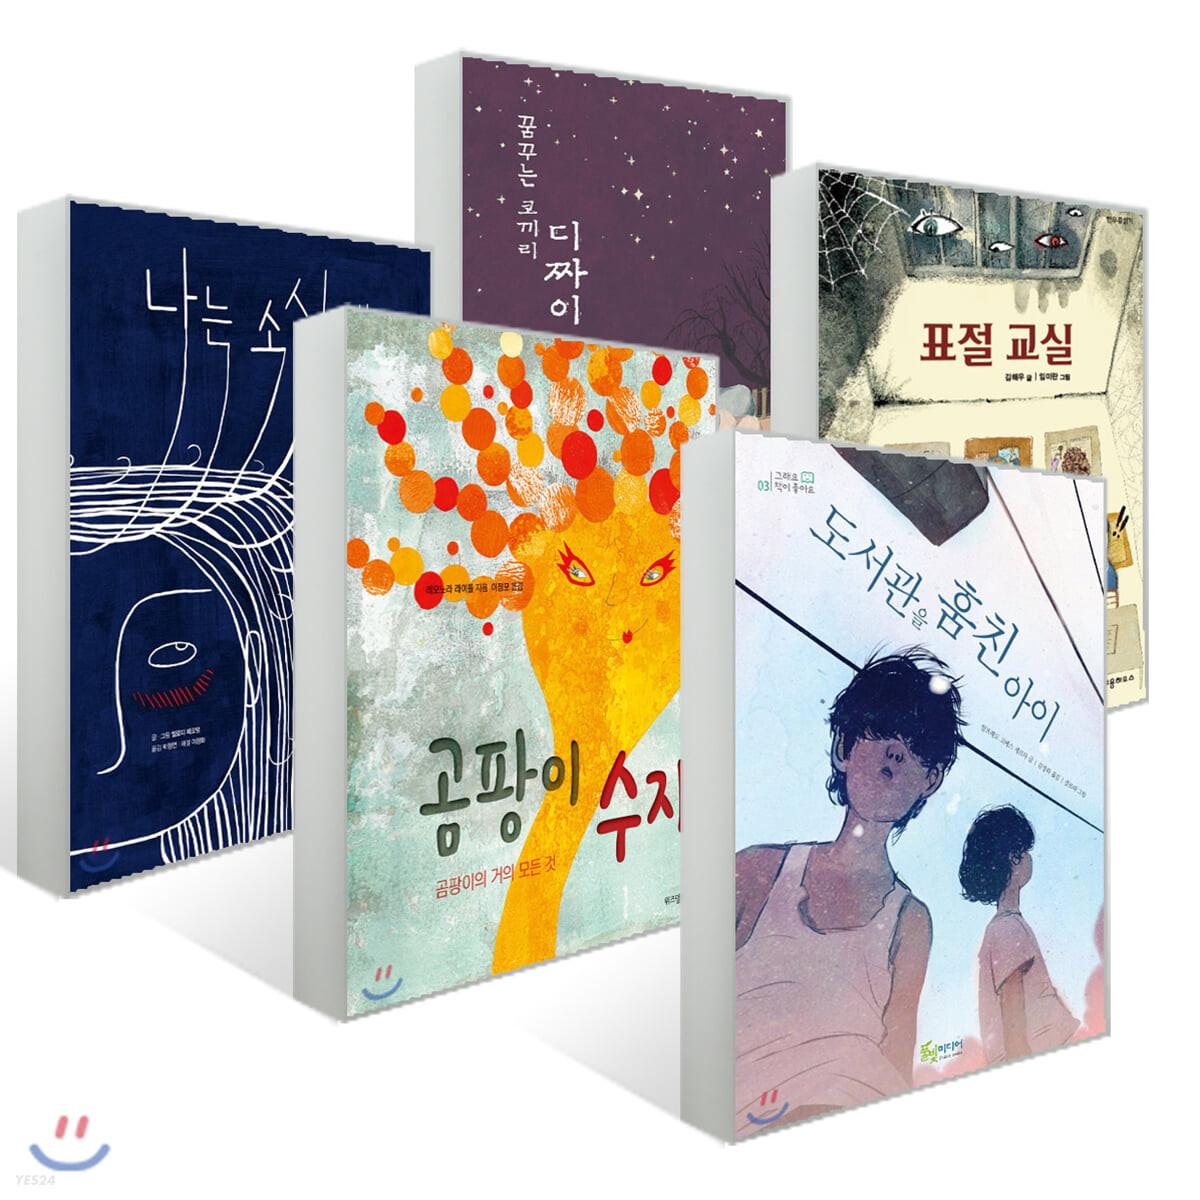 경남독서한마당 베스트 2 세트